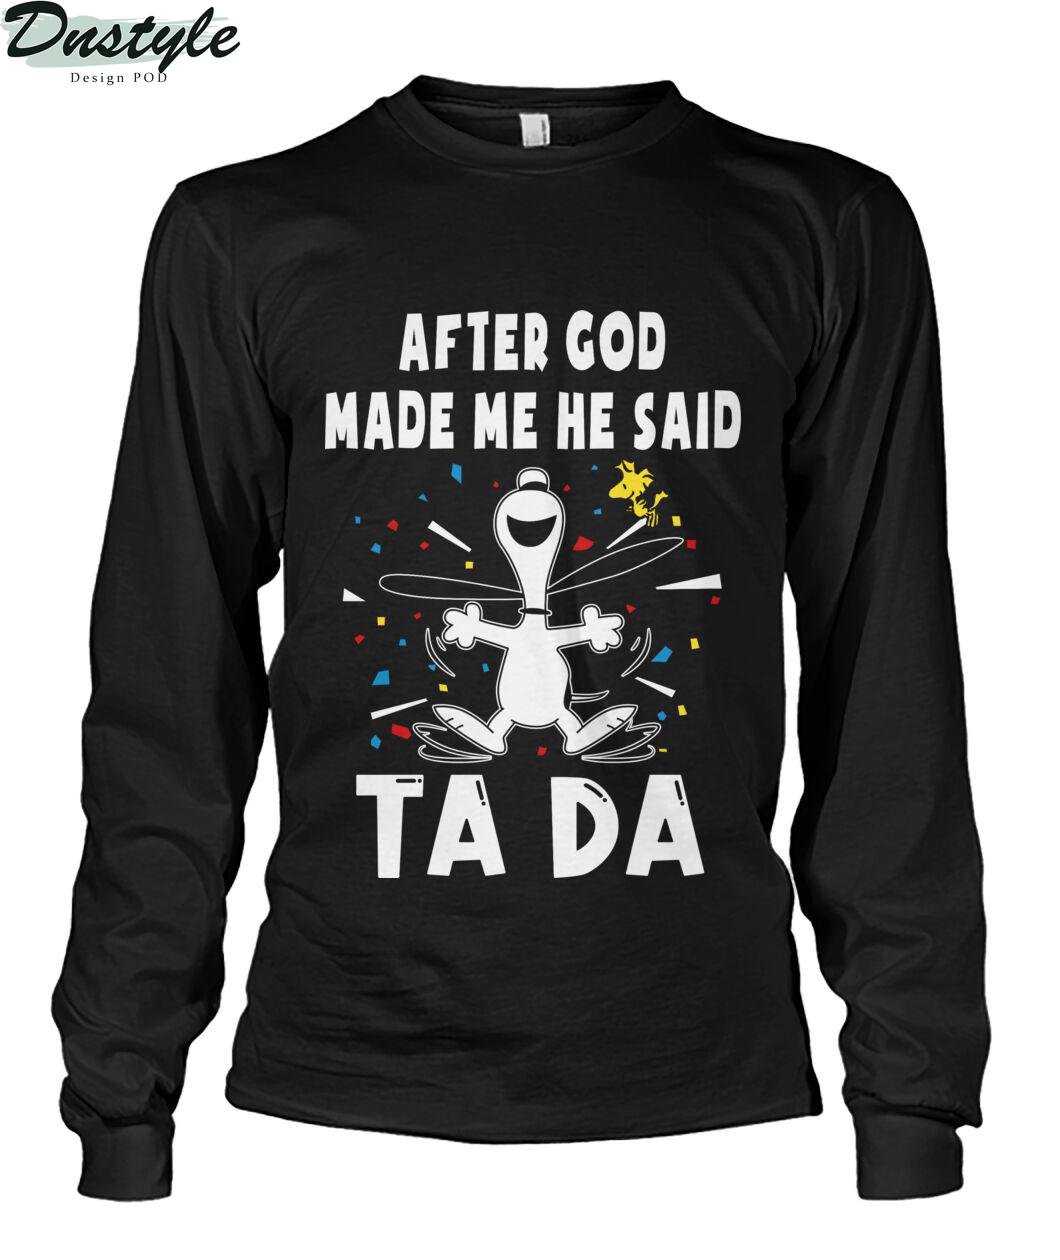 Snoopy after god made me he said ta da long sleeve